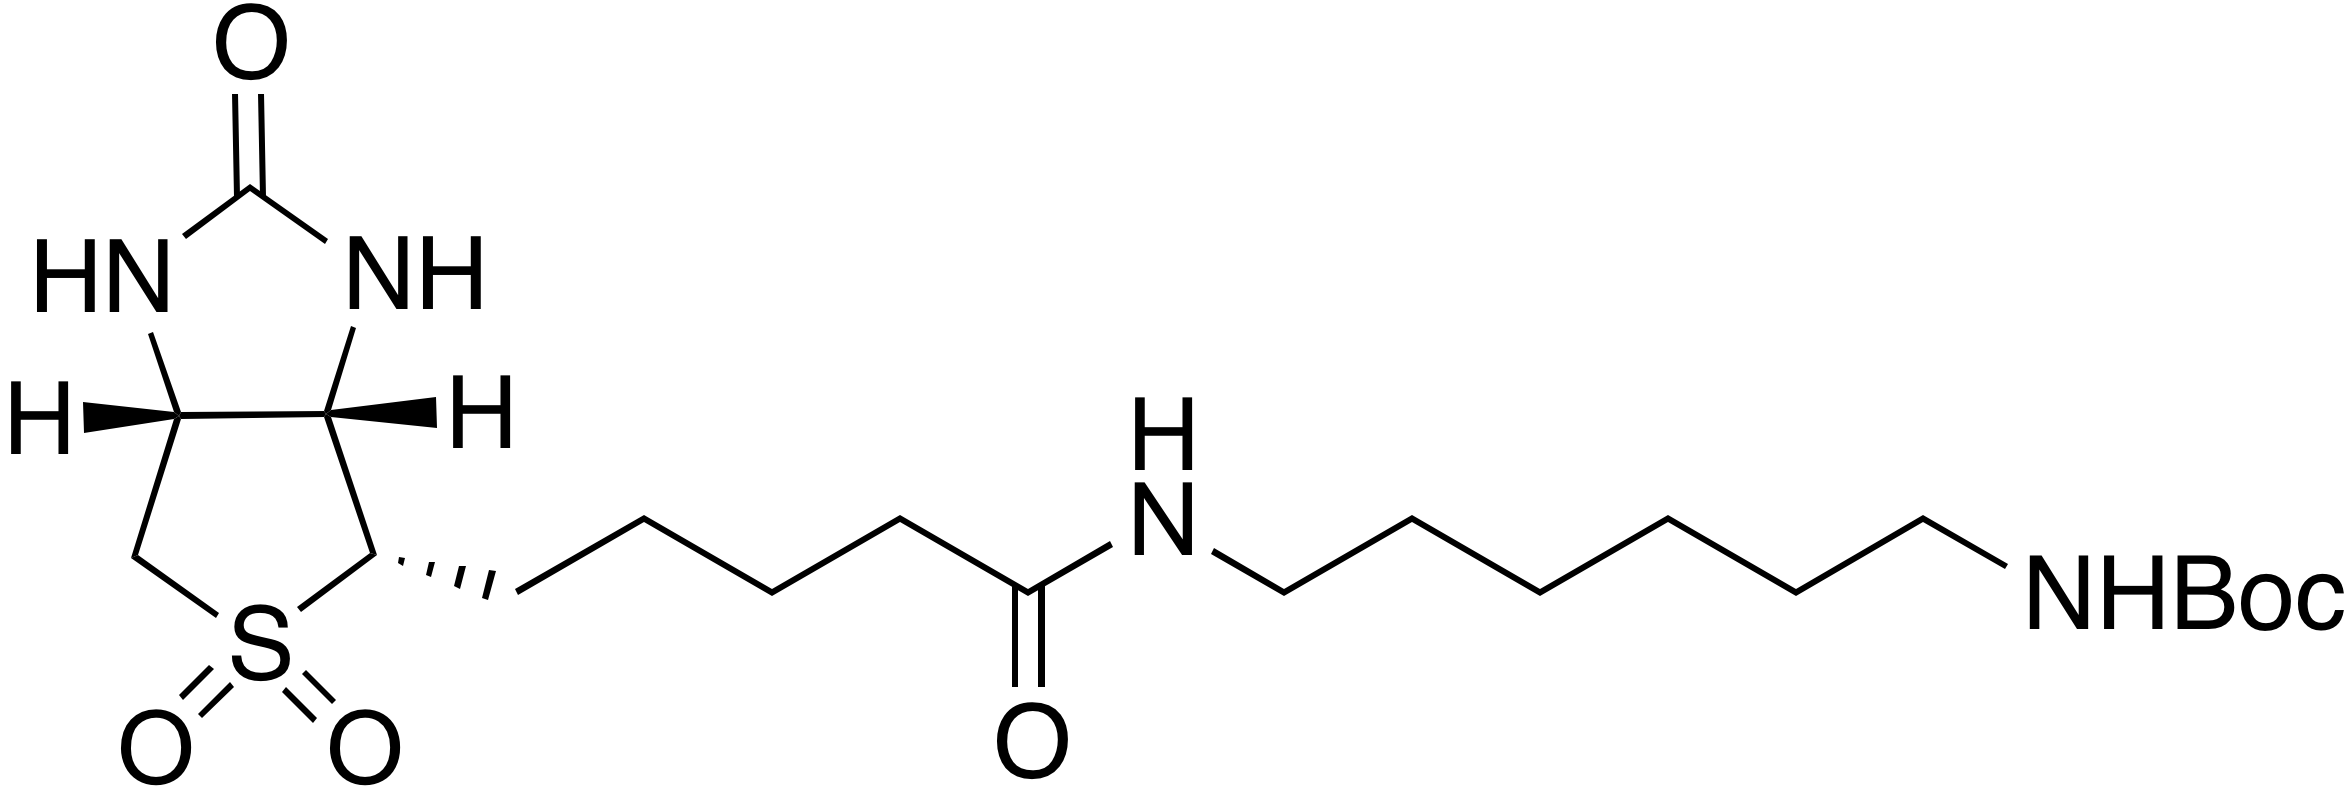 N-Biotin sulfone-N'-Boc-1,6-hexanediamine